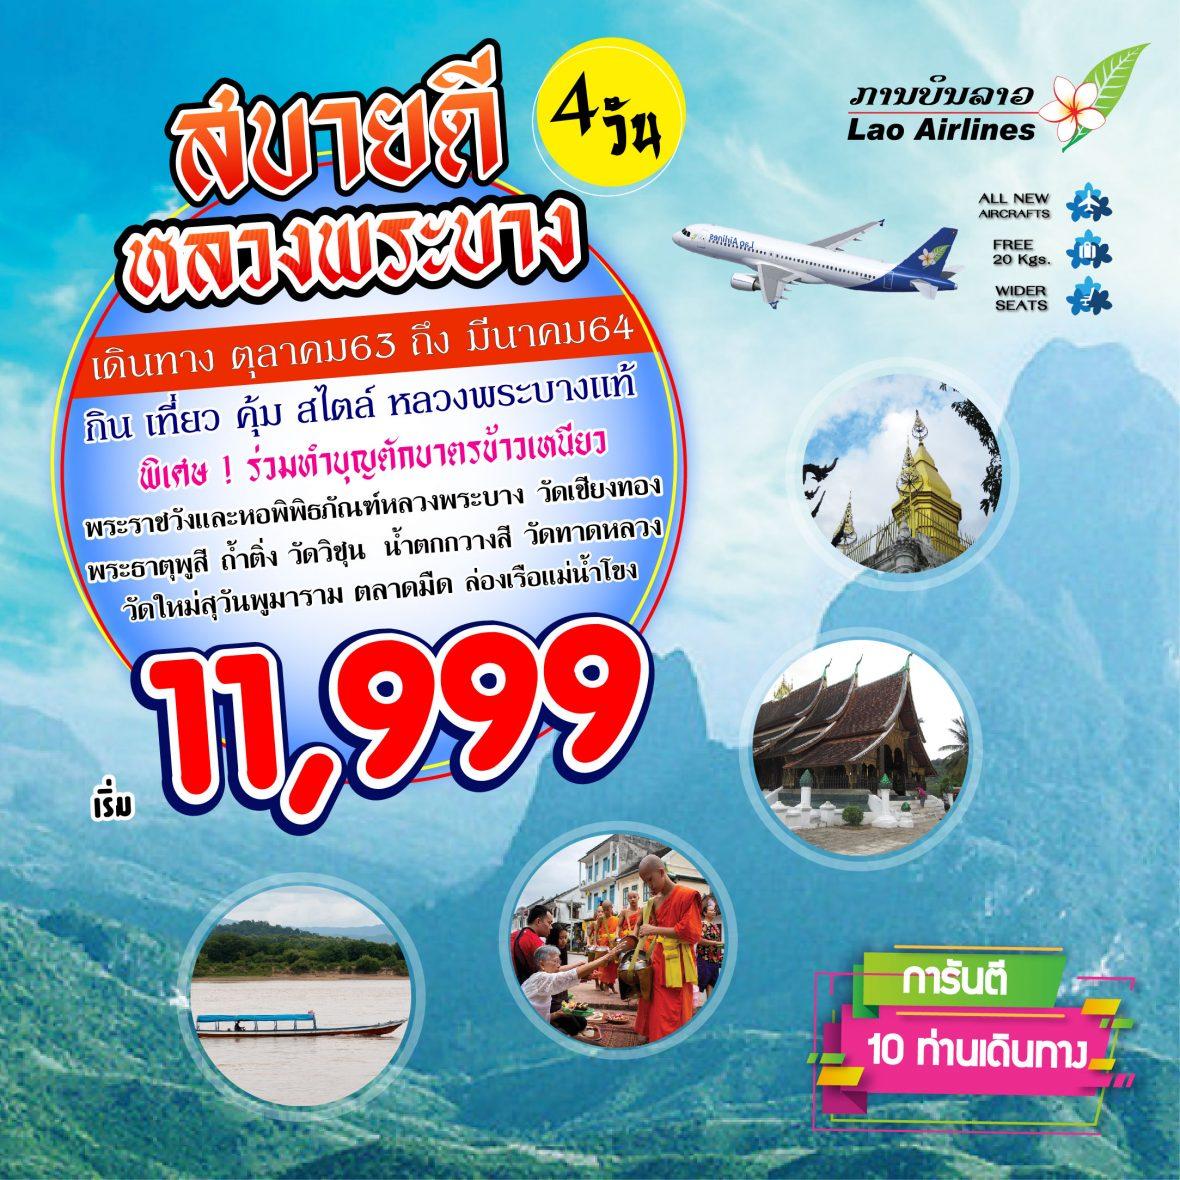 Sabaidee Luang Prabang_4D_Oct20-Mar21__1040-01